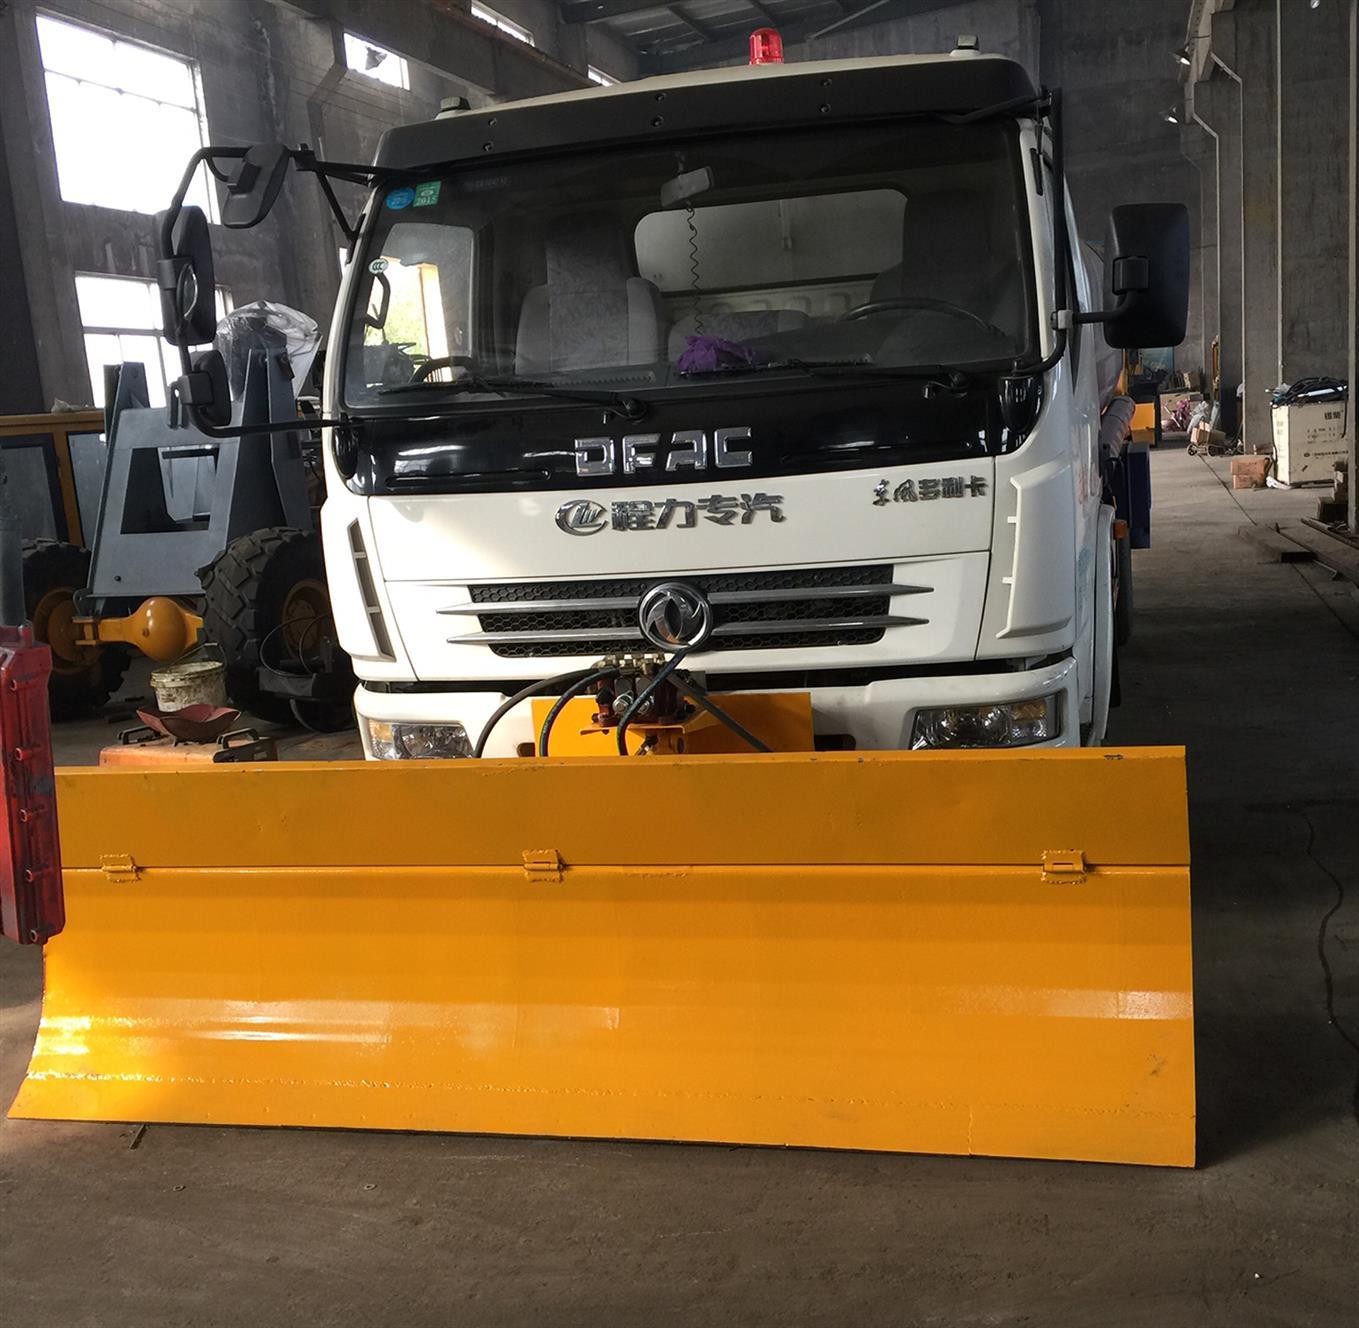 蚌埠卡车推雪铲型号